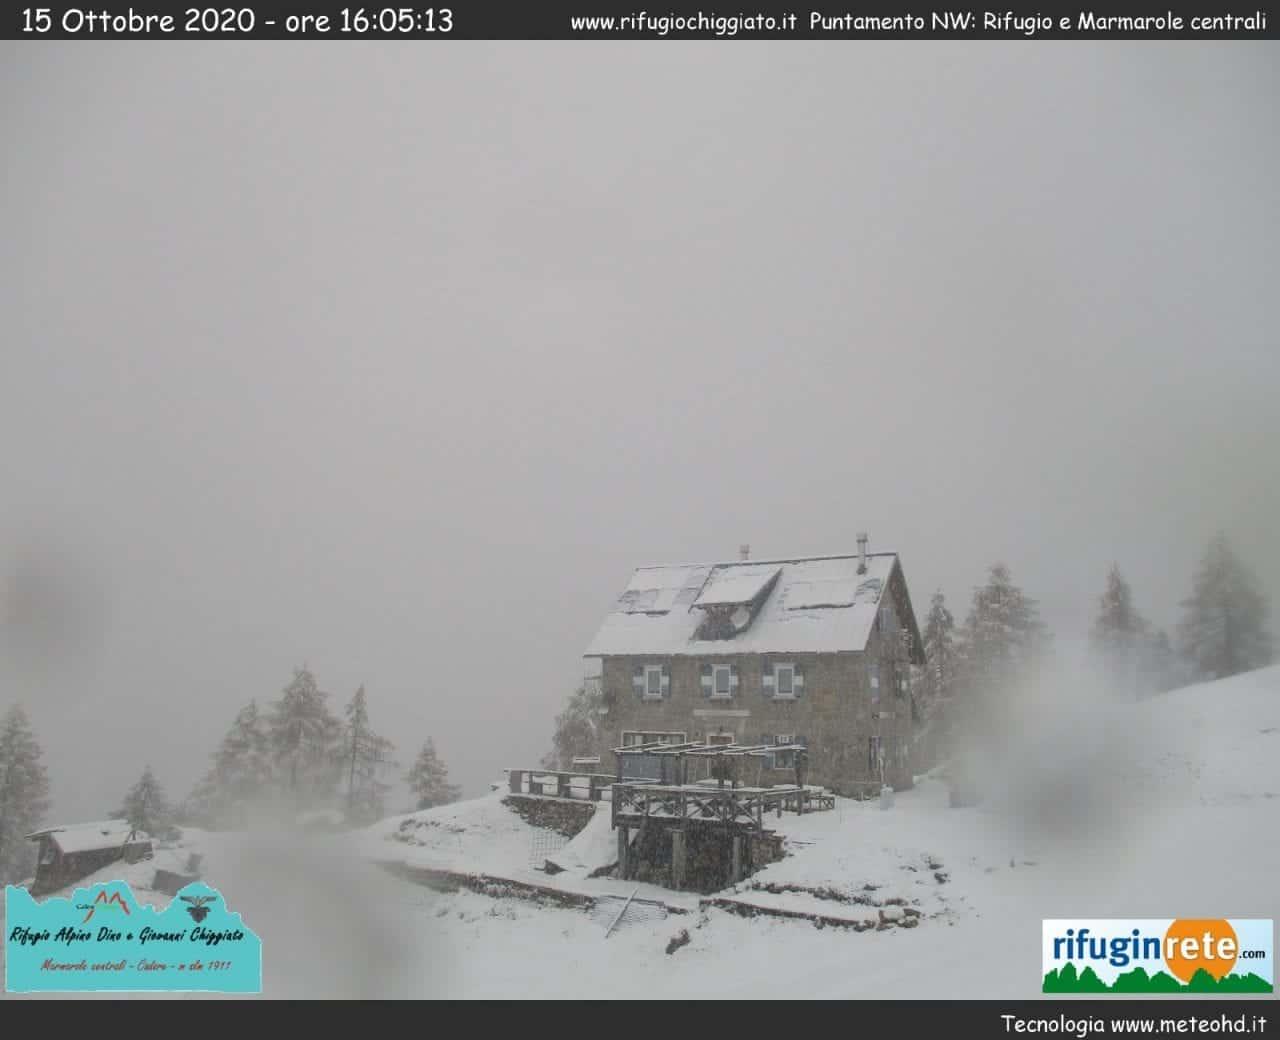 1643343d 0842 42eb 98f0 00127ac4e21e - Veneto, abbondanti nevicate tra le Alpi e le Prealpi: galleria fotografica